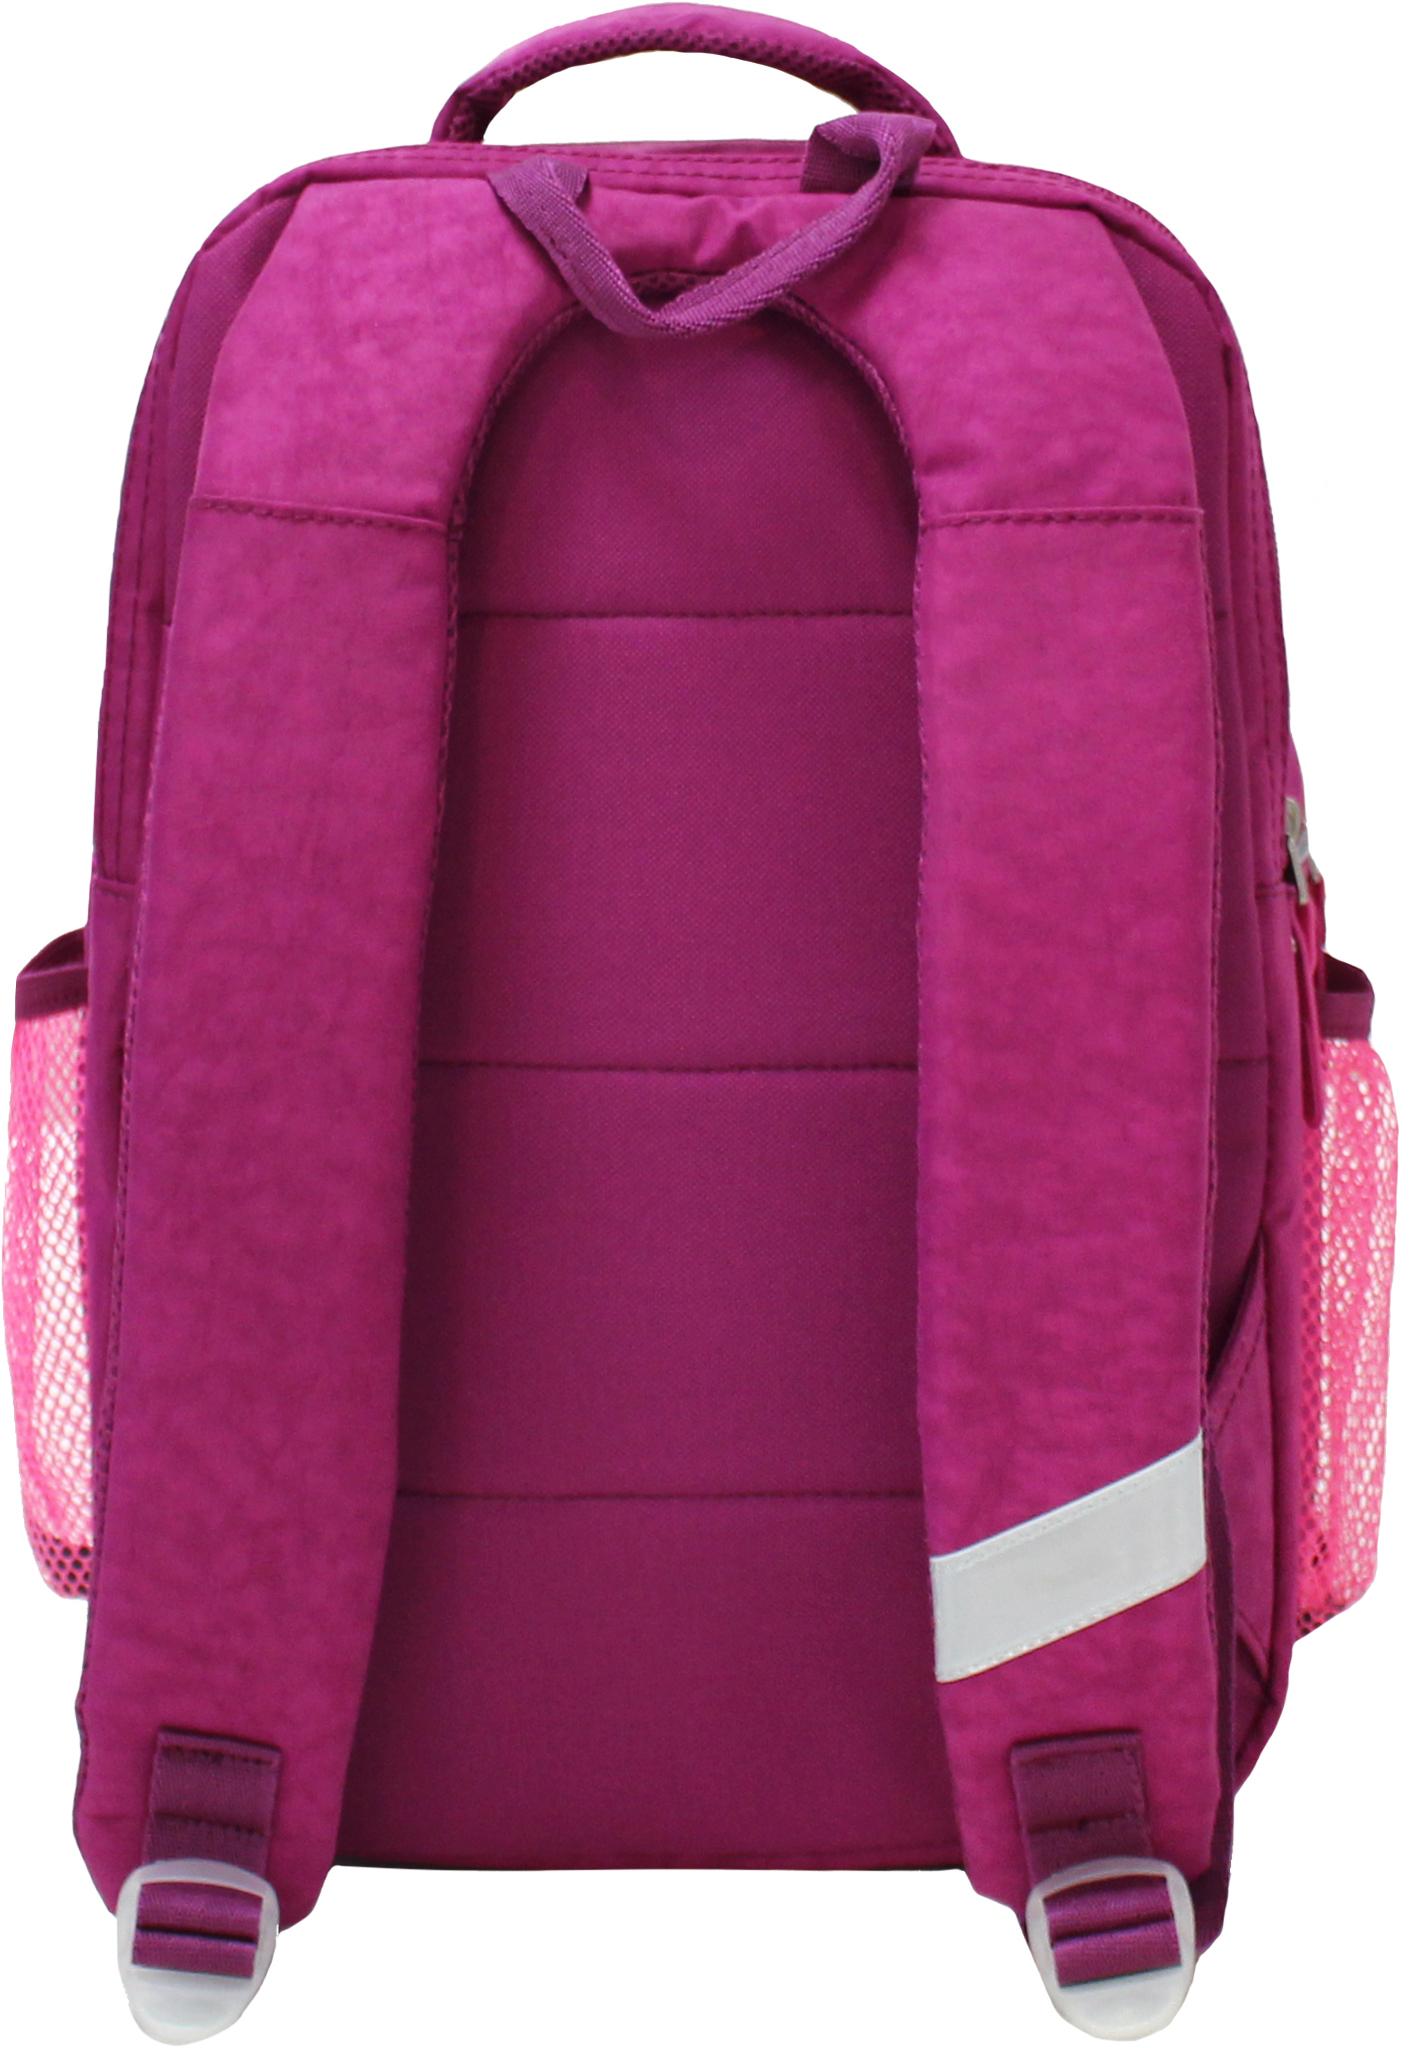 Рюкзак школьный Bagland Школьник 8 л. 143 малина 141 д (00112702)